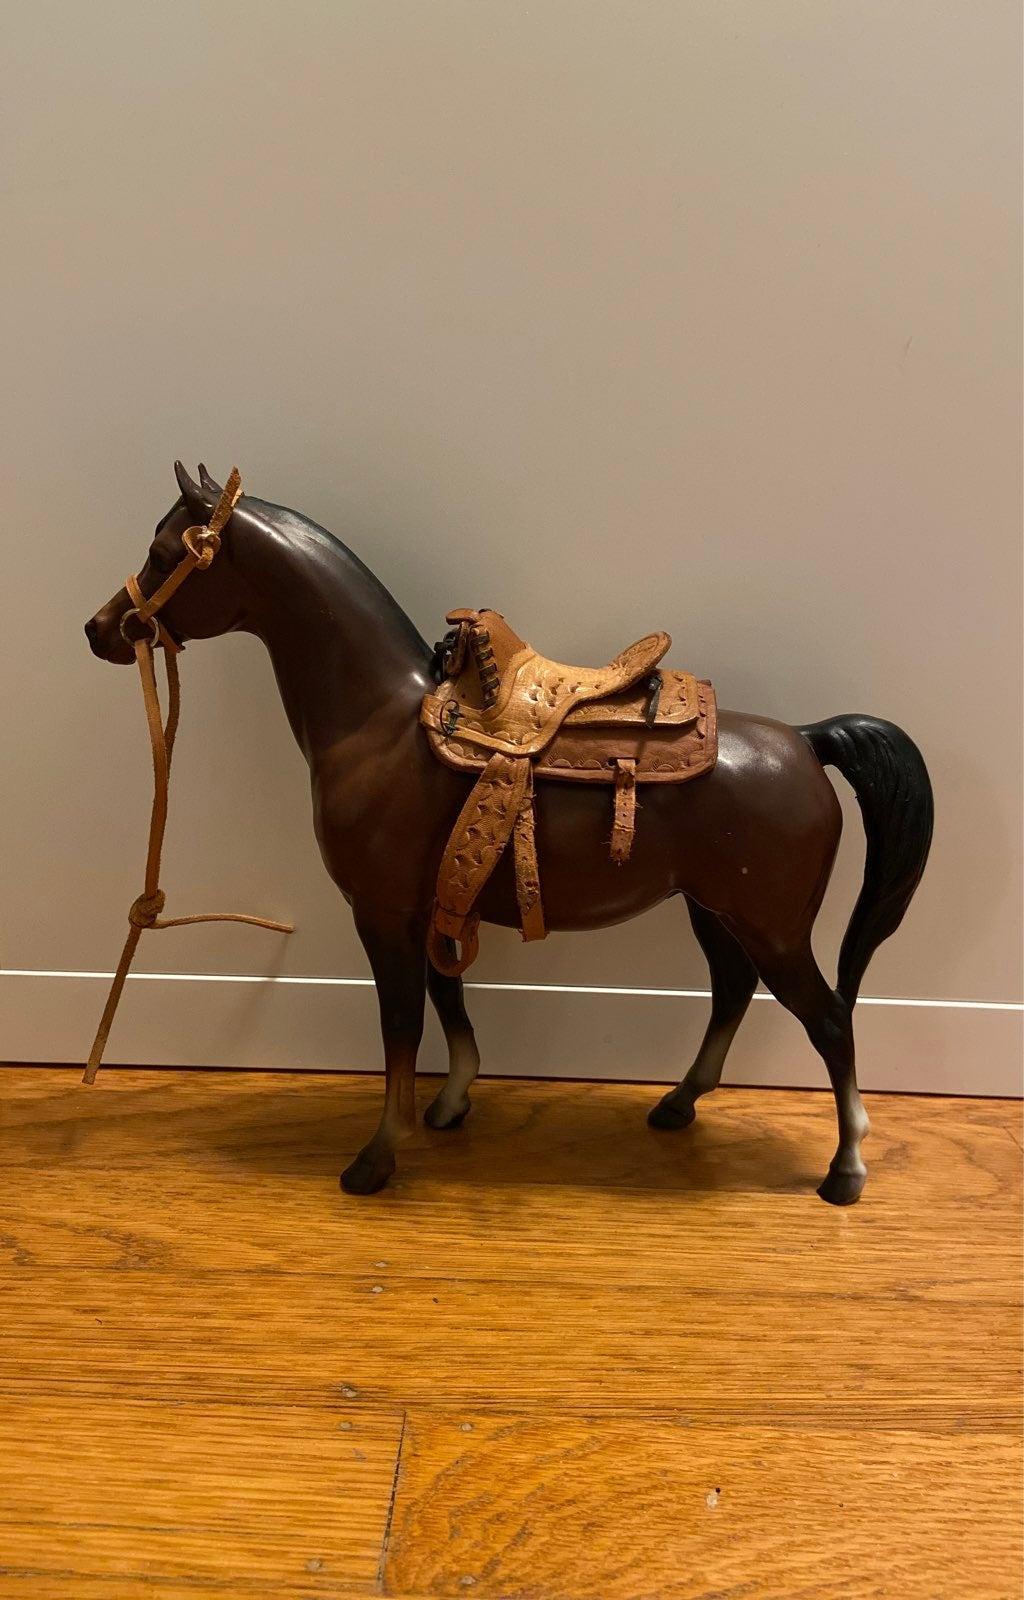 Model horse saddle & bridal